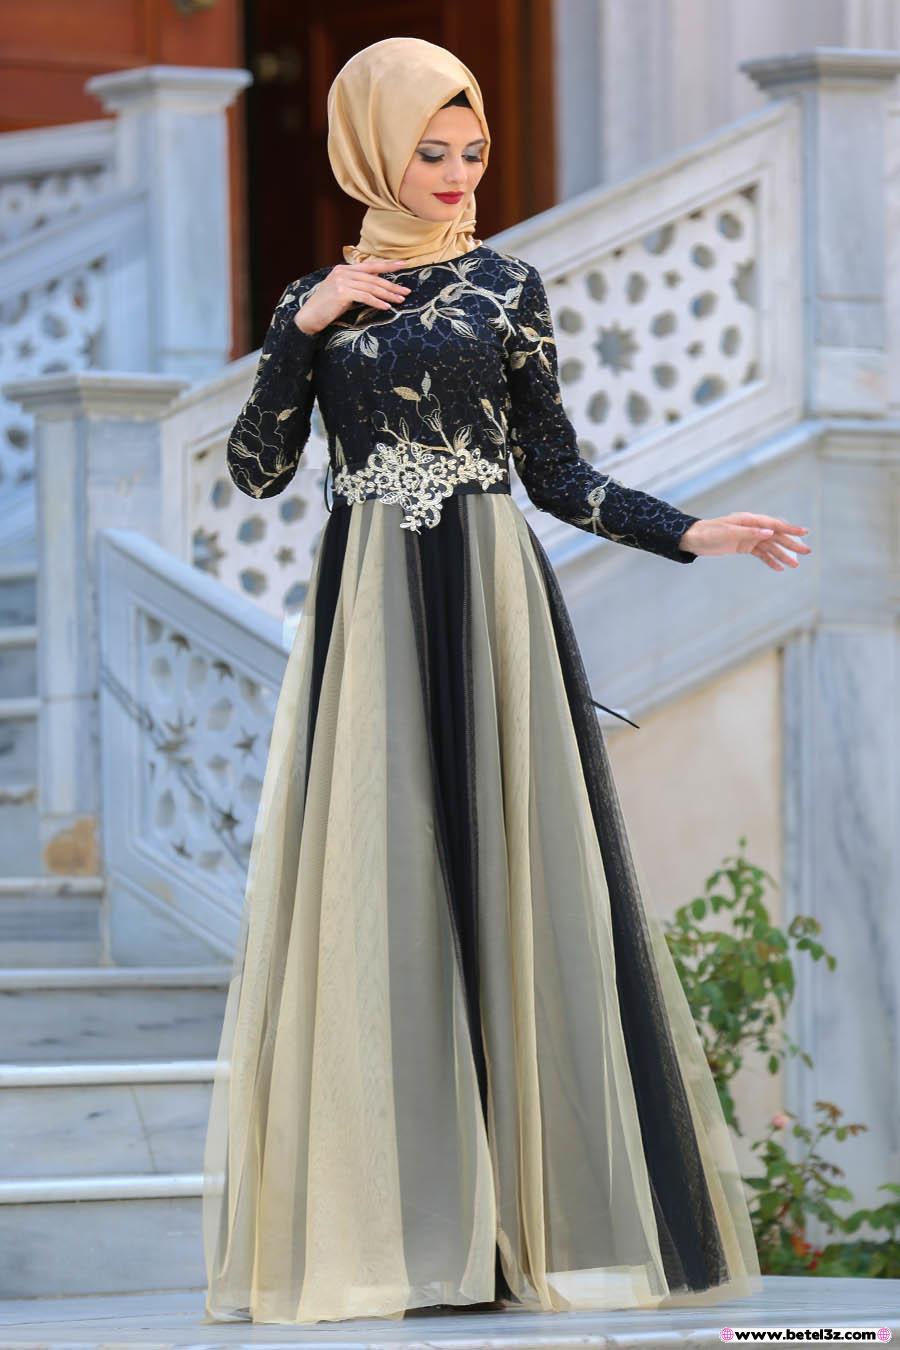 صوره فساتين سواريه تركى , اجمل الصور لفساتين السورايه التركية